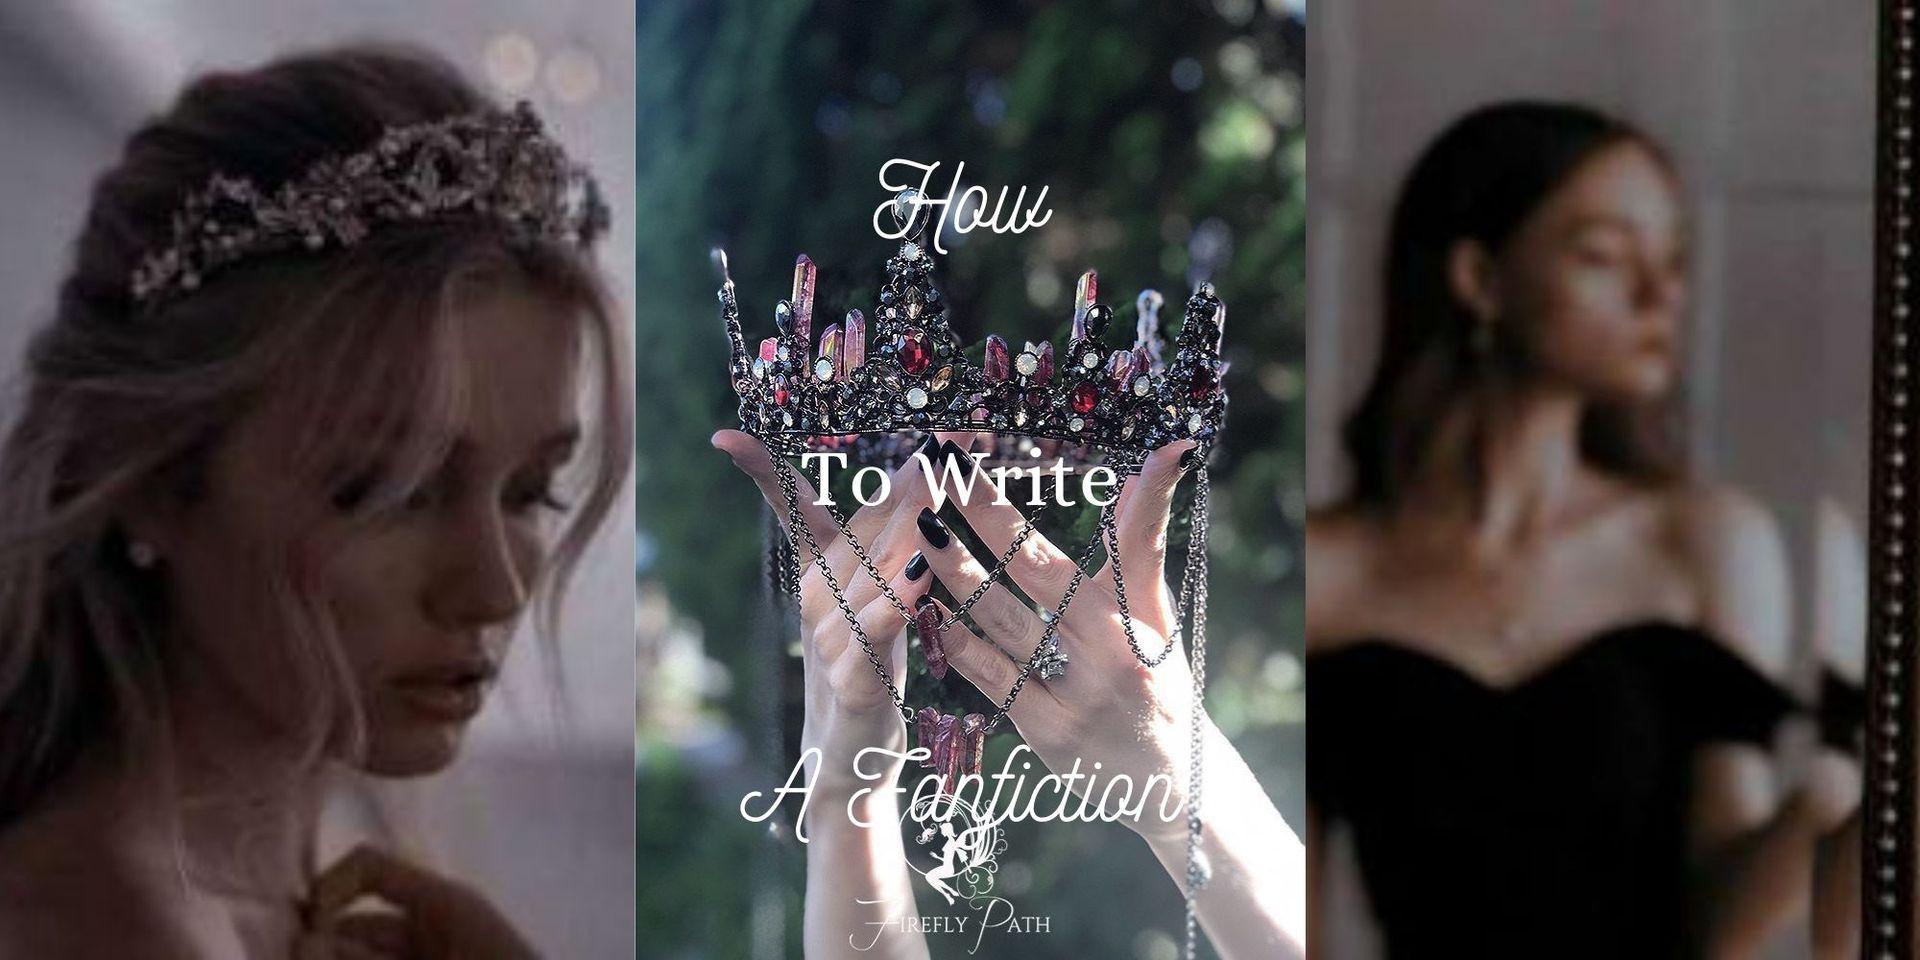 How To Write A Fanfiction - 𝘋𝘦𝘴𝘤𝘳𝘪𝘱𝘵𝘪𝘰𝘯 - Wattpad